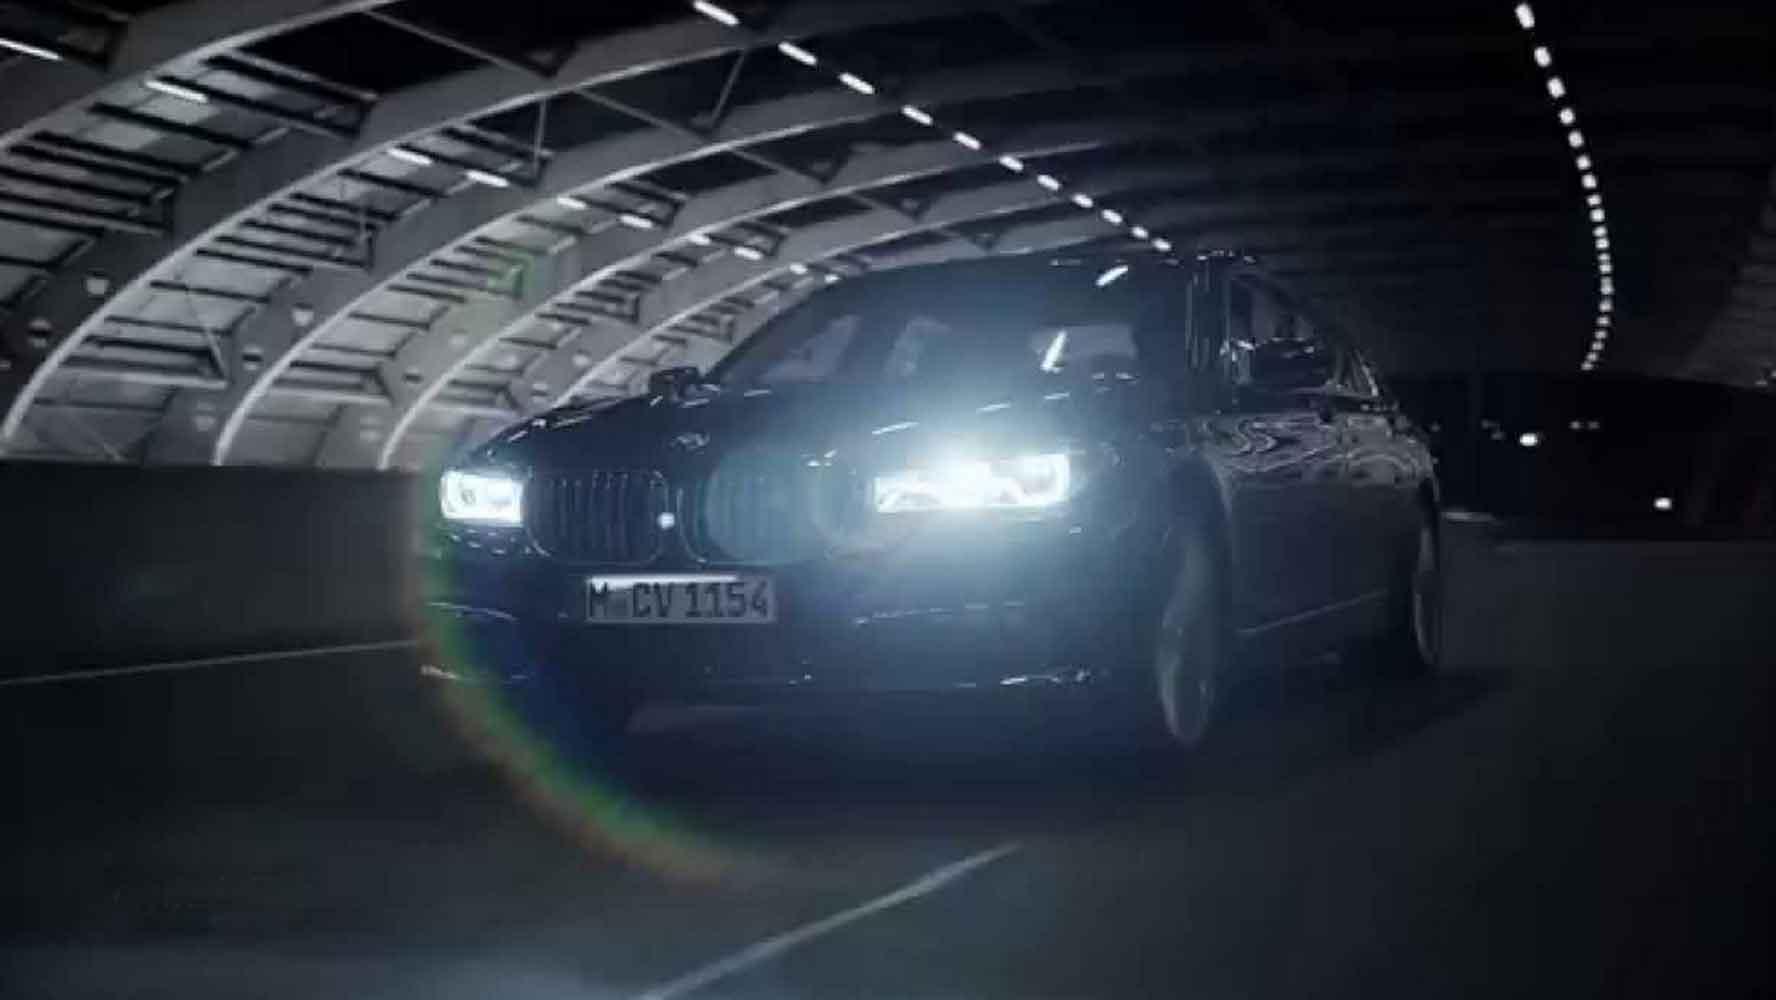 ACS kritisiert grelle Hightech-Lichter an Autos